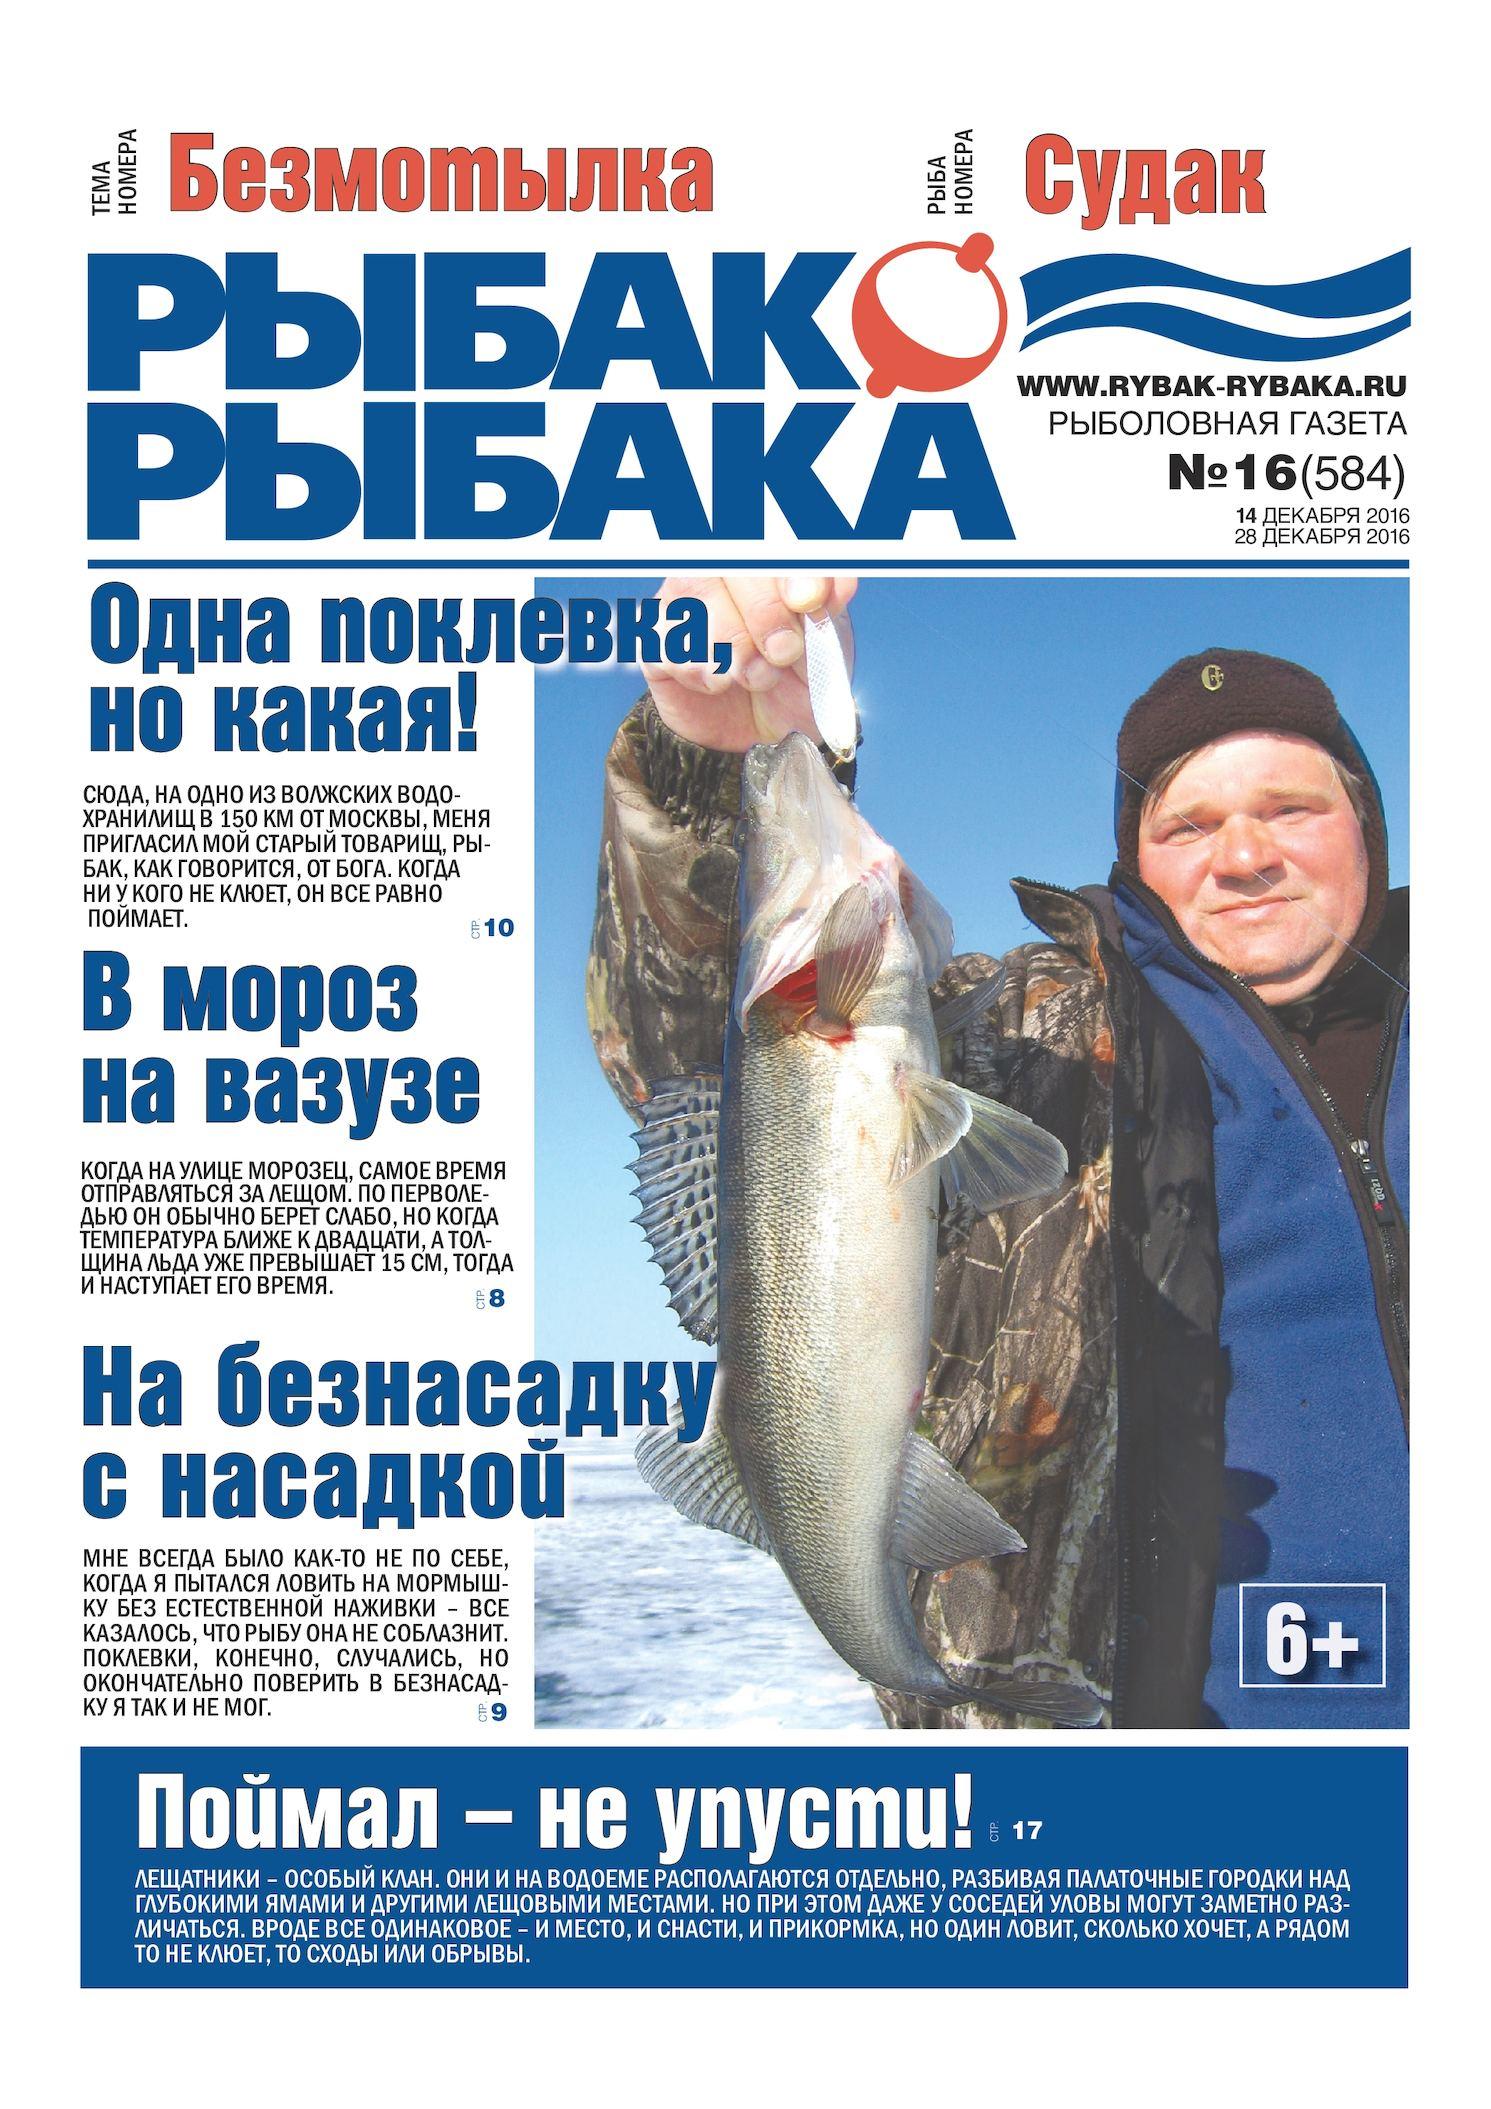 Ботало для рыбалки своими руками фото 589